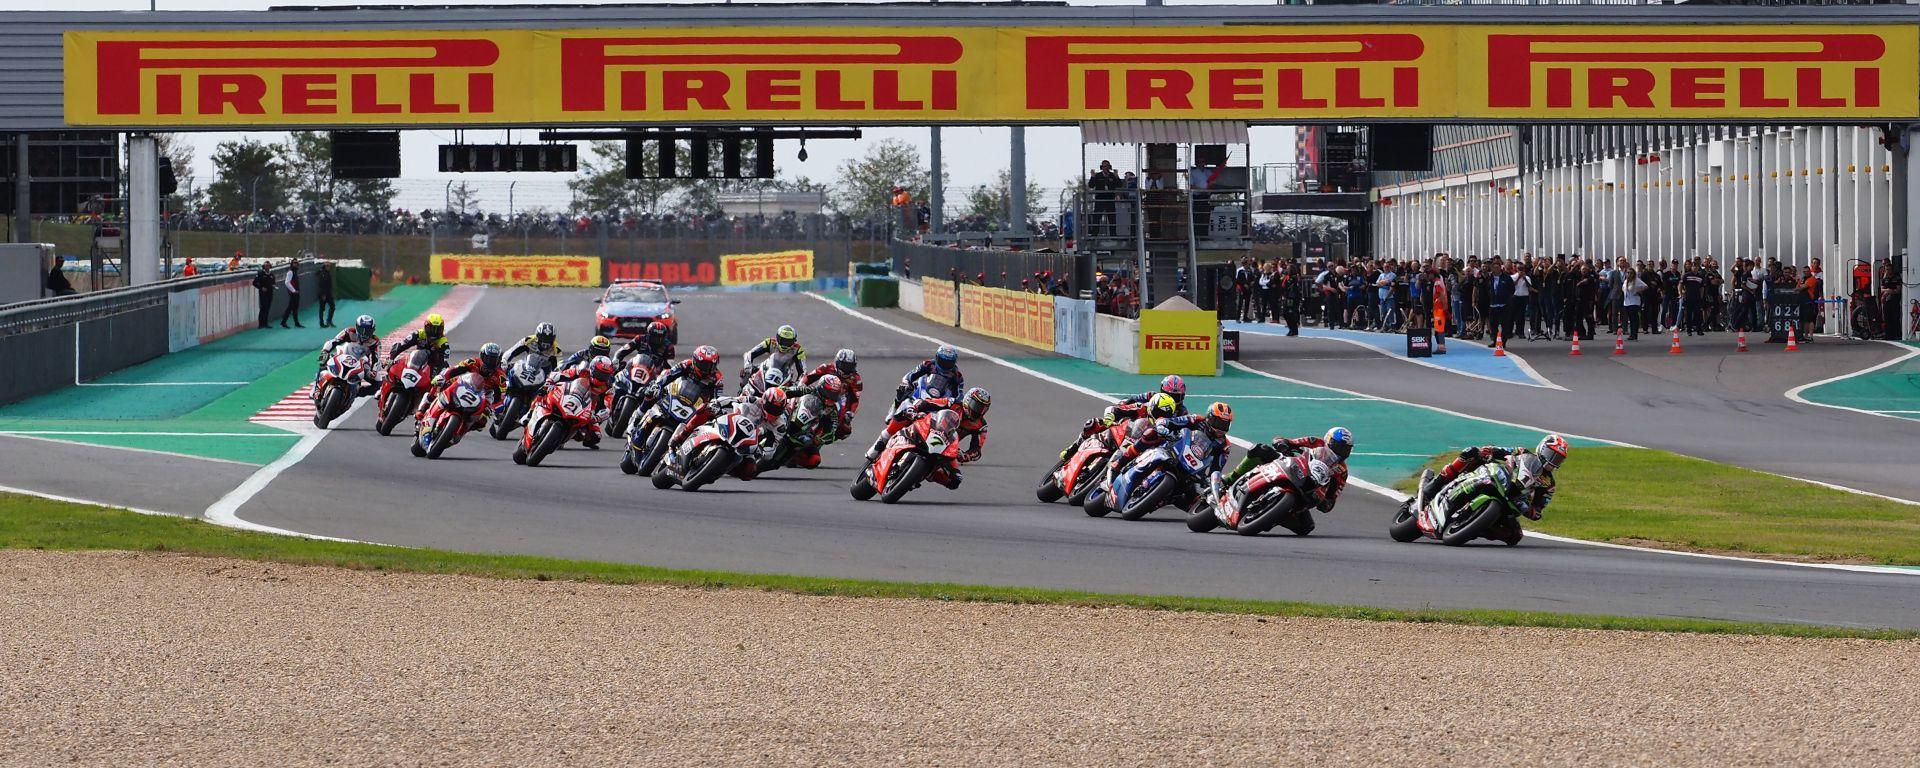 Pirelli rinnova con Superbike fino al 2023